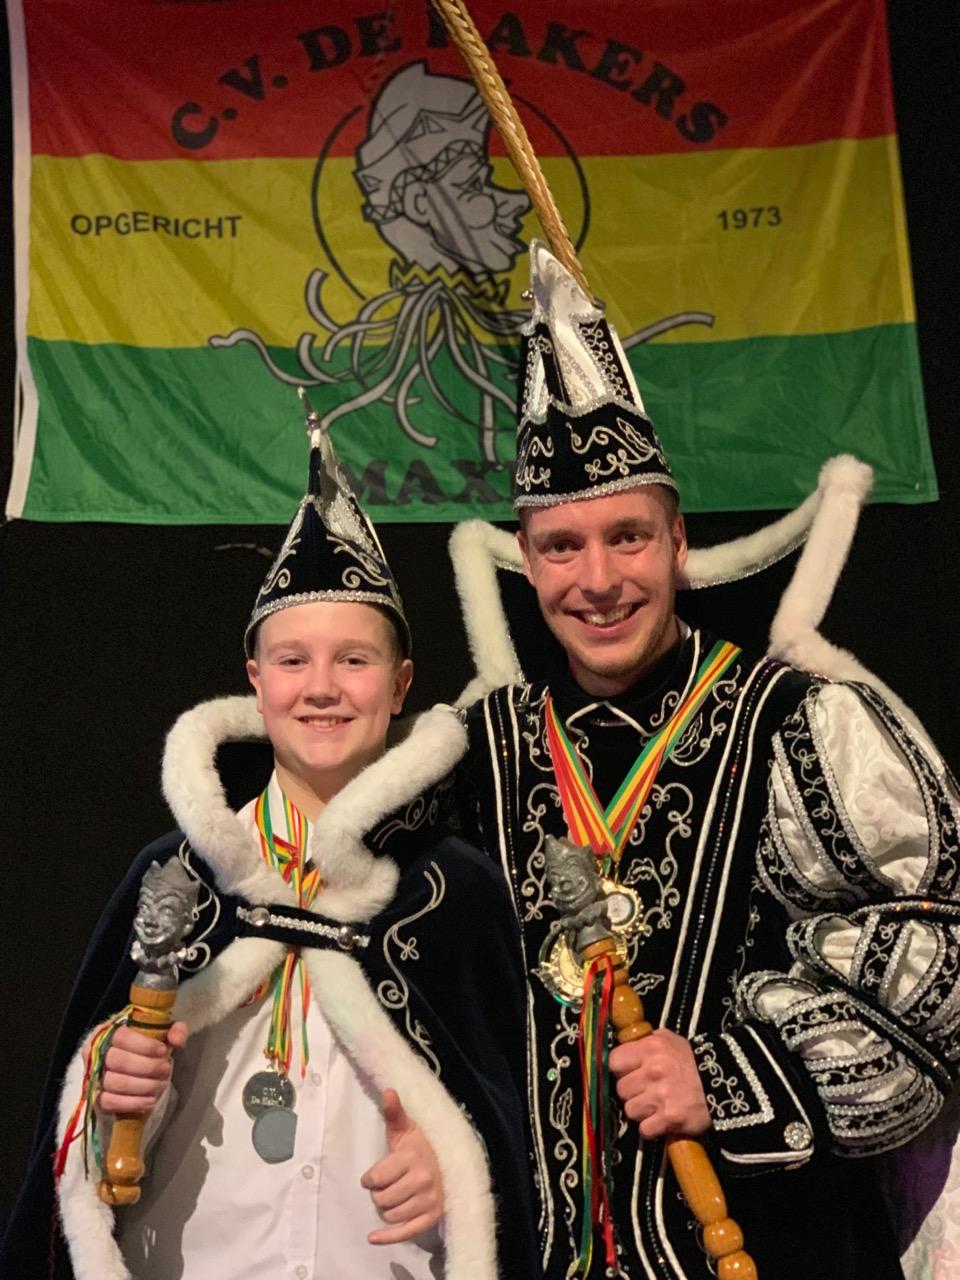 Jeugdprins Timo I & Prins Jeroen I